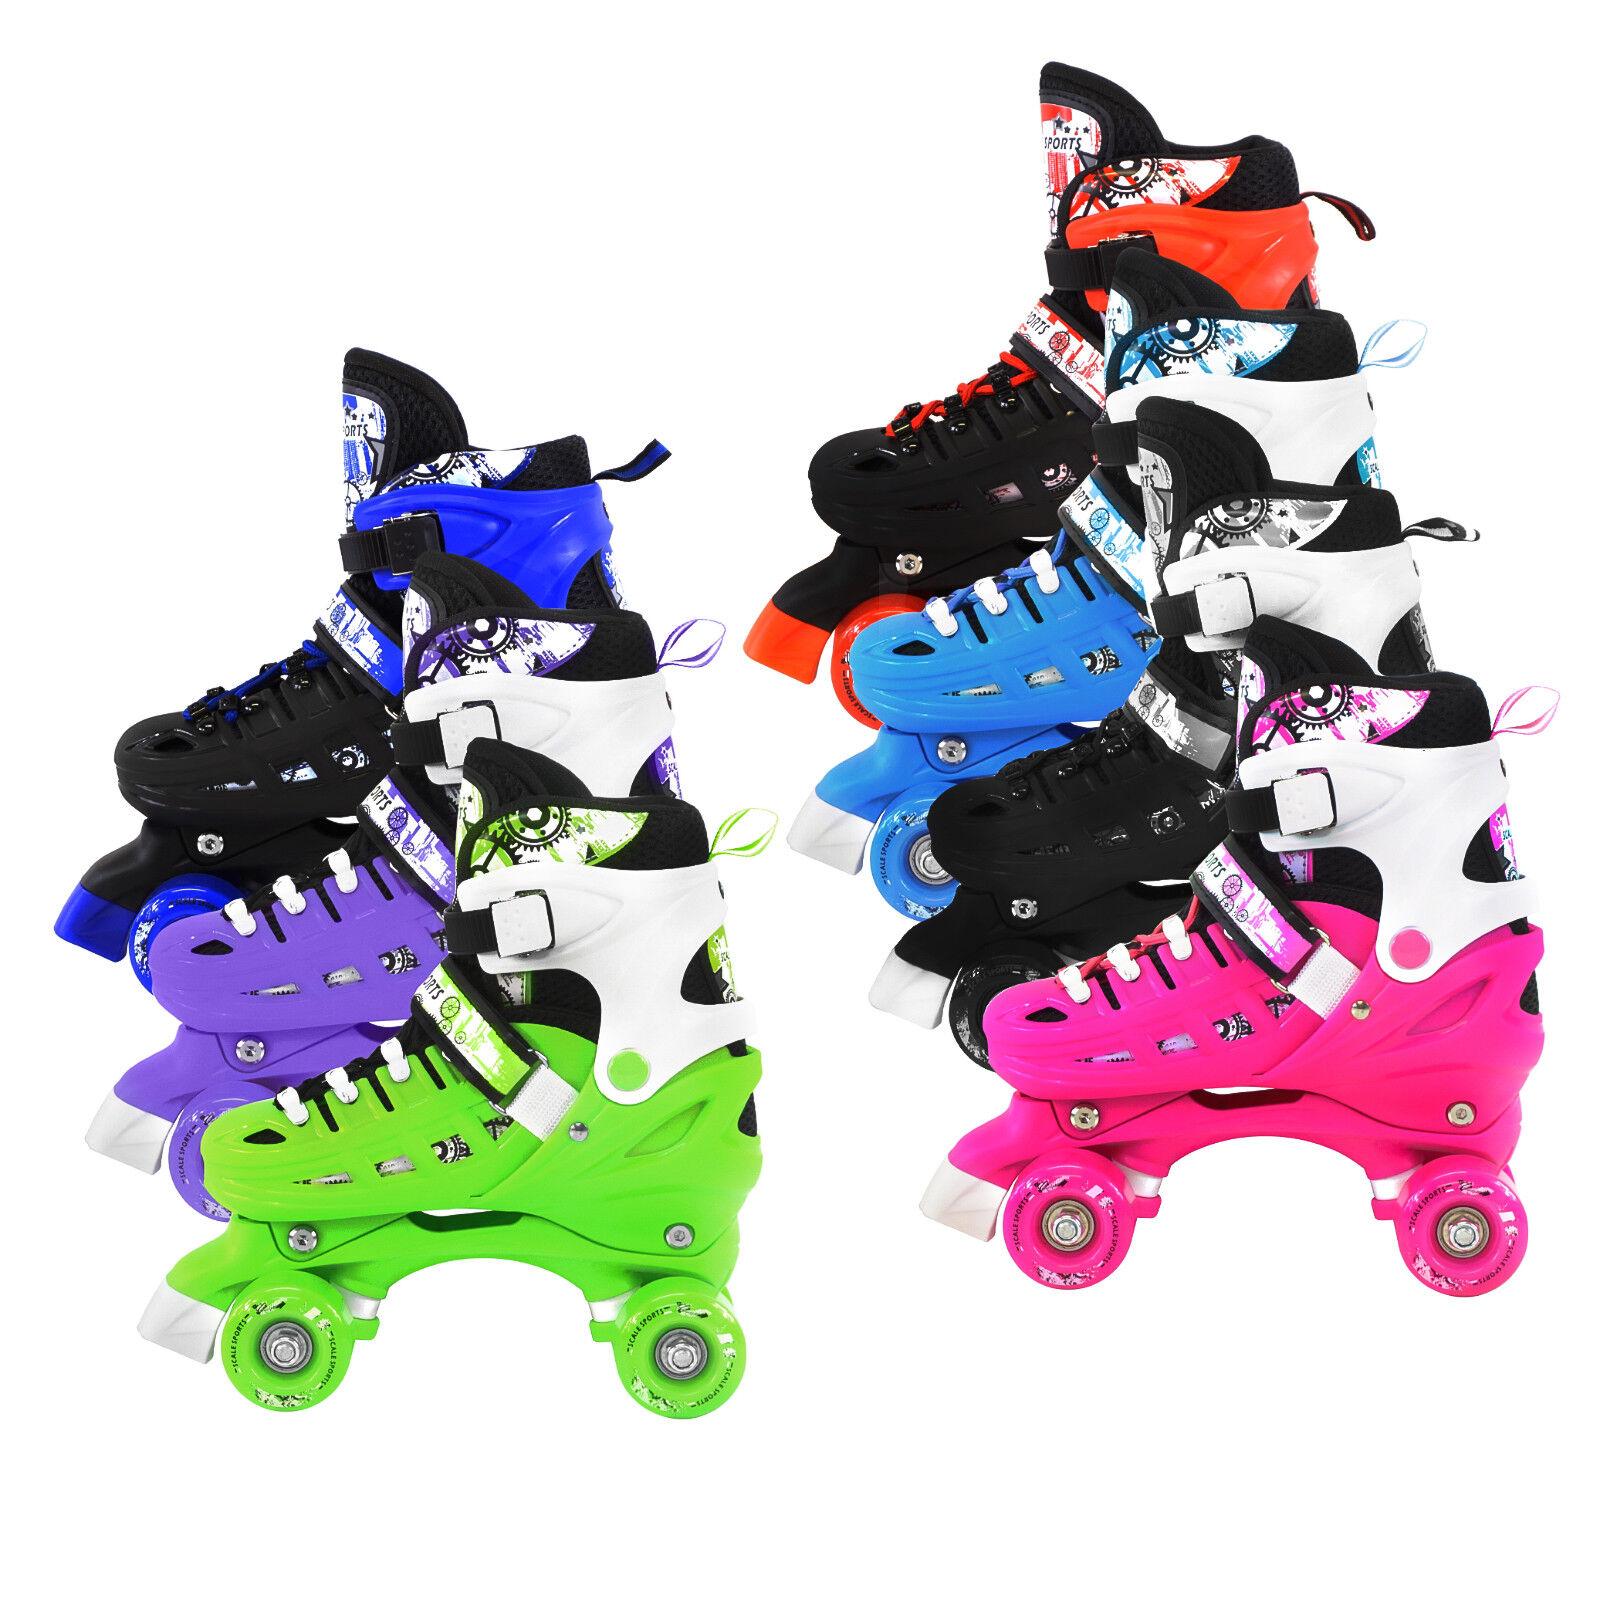 Adjustable Quad Roller Skates For Kids Size 135 Junior To 9 Adult